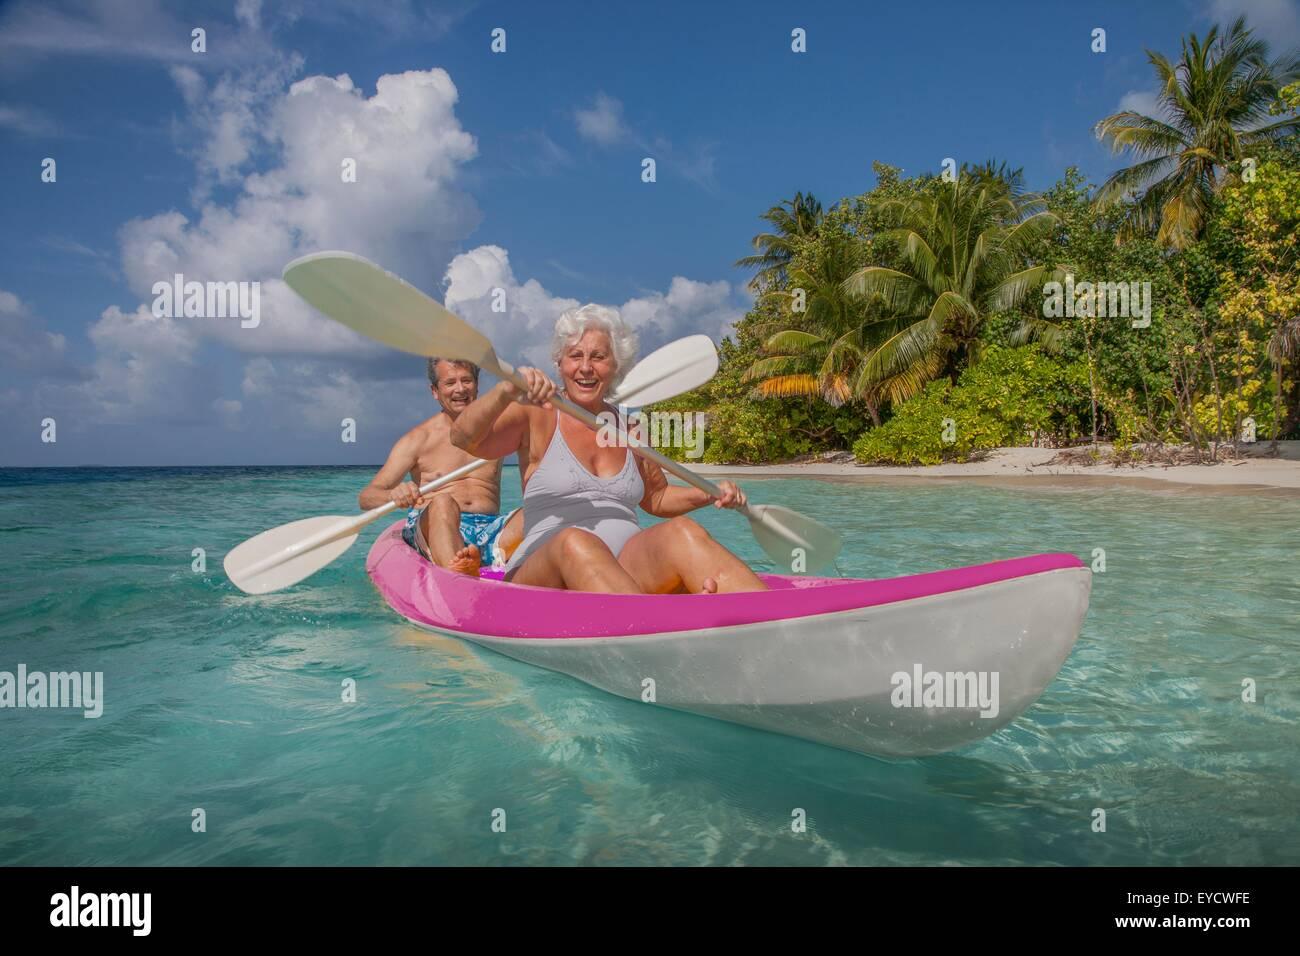 Senior couple in canoe, Maldives - Stock Image